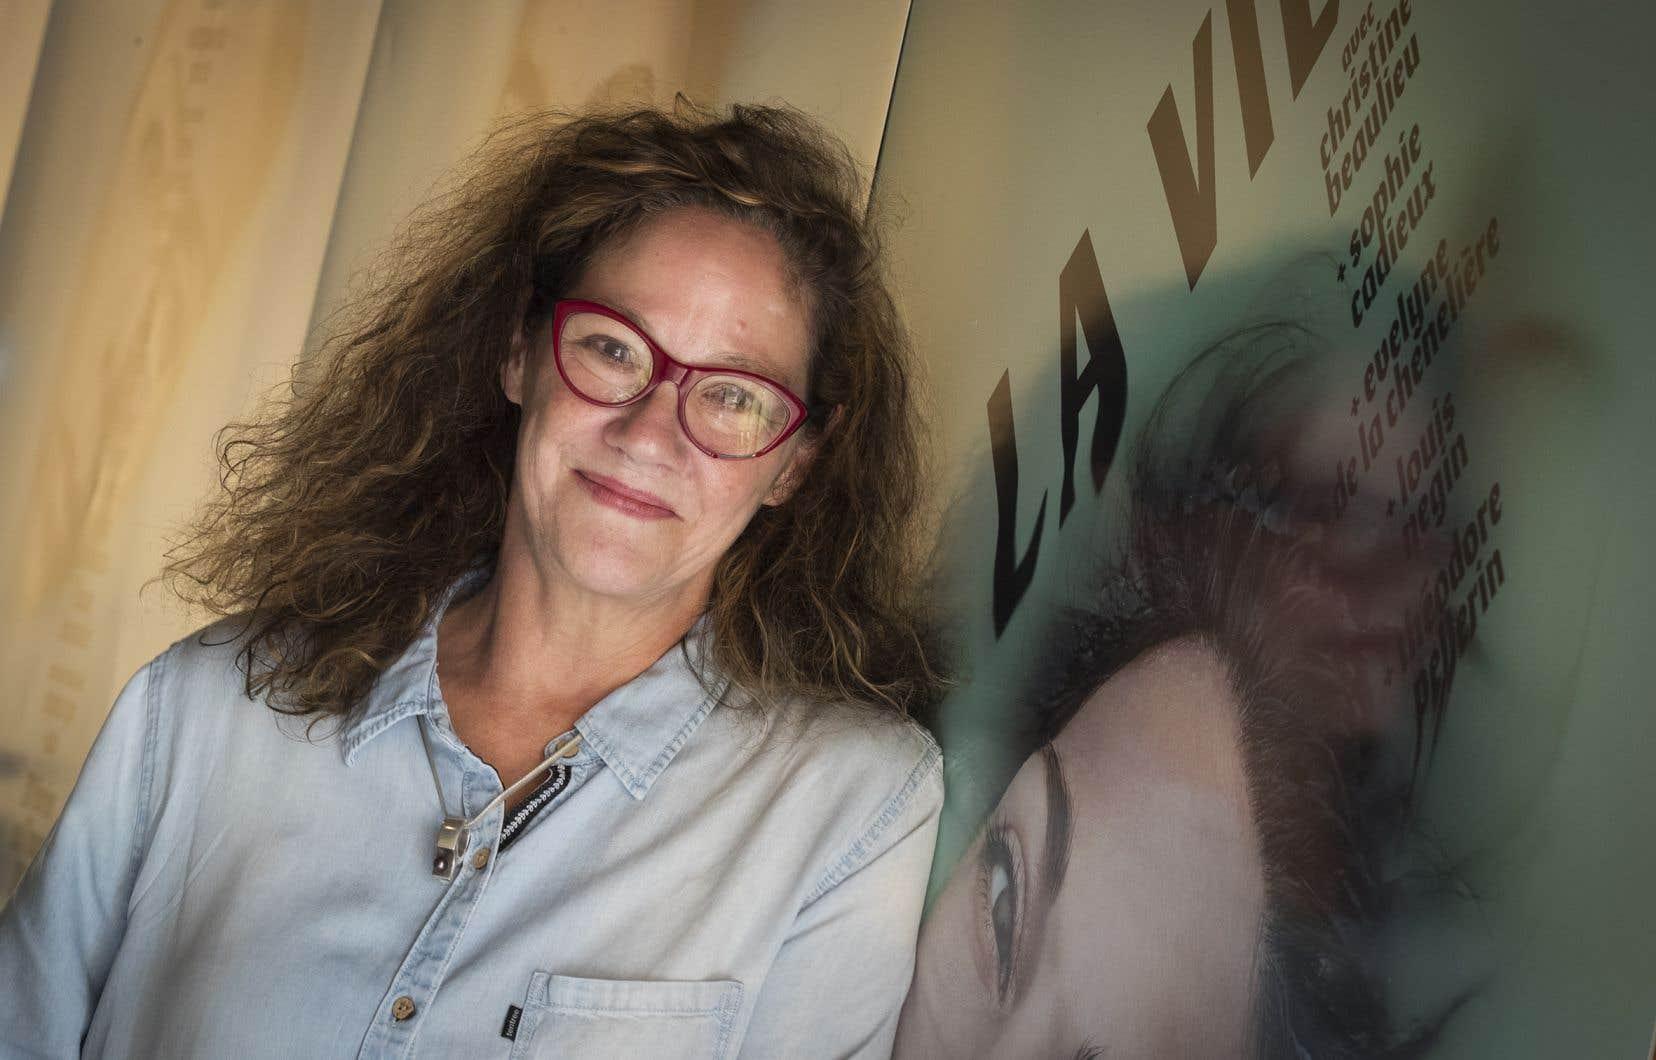 La directrice du théâtre Espace Go, Ginette Noiseux, reconnaît que les femmes de théâtre du Québec ont fait du chemin depuis les années 1970.